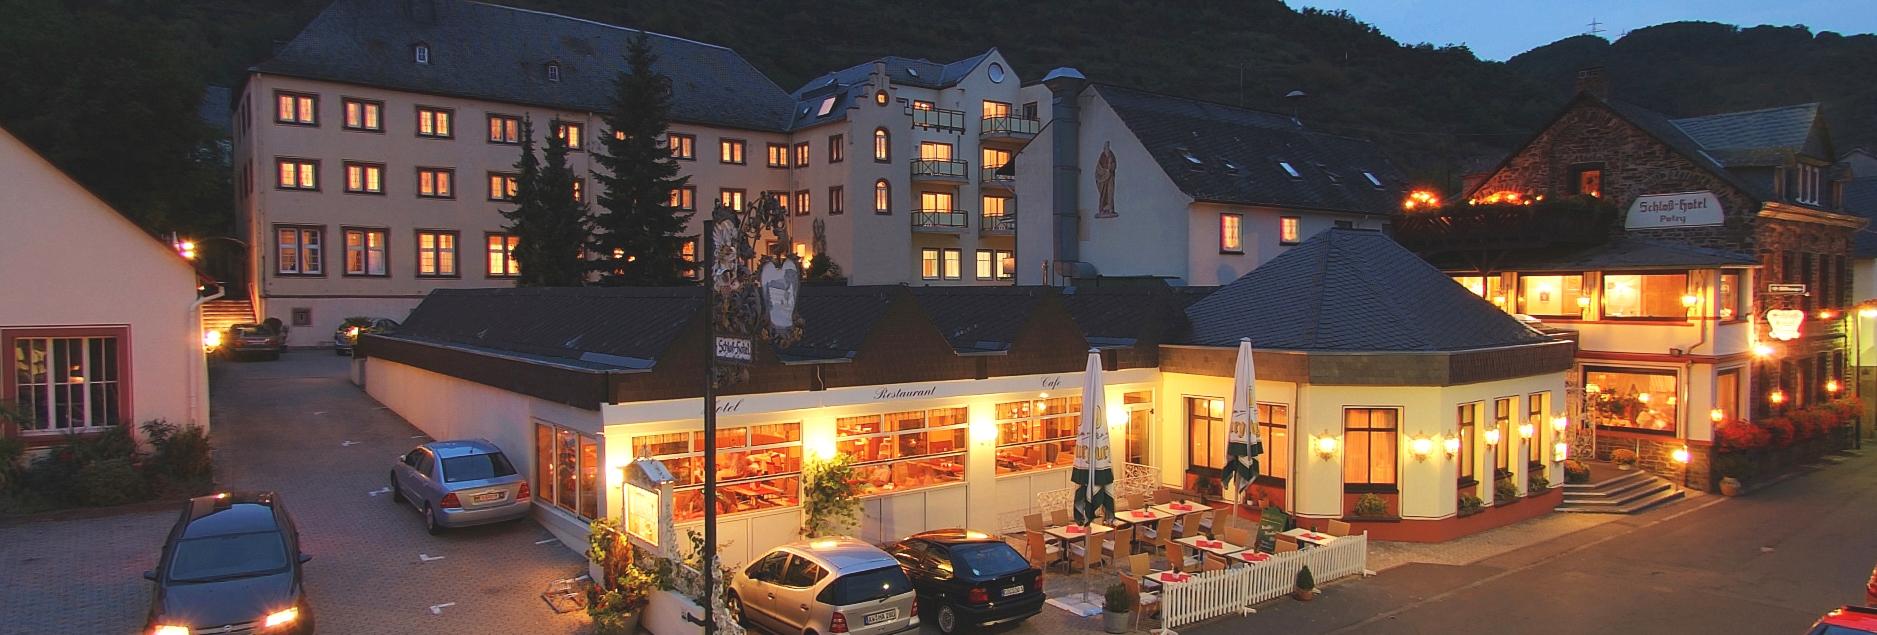 Hotels an der Mosel